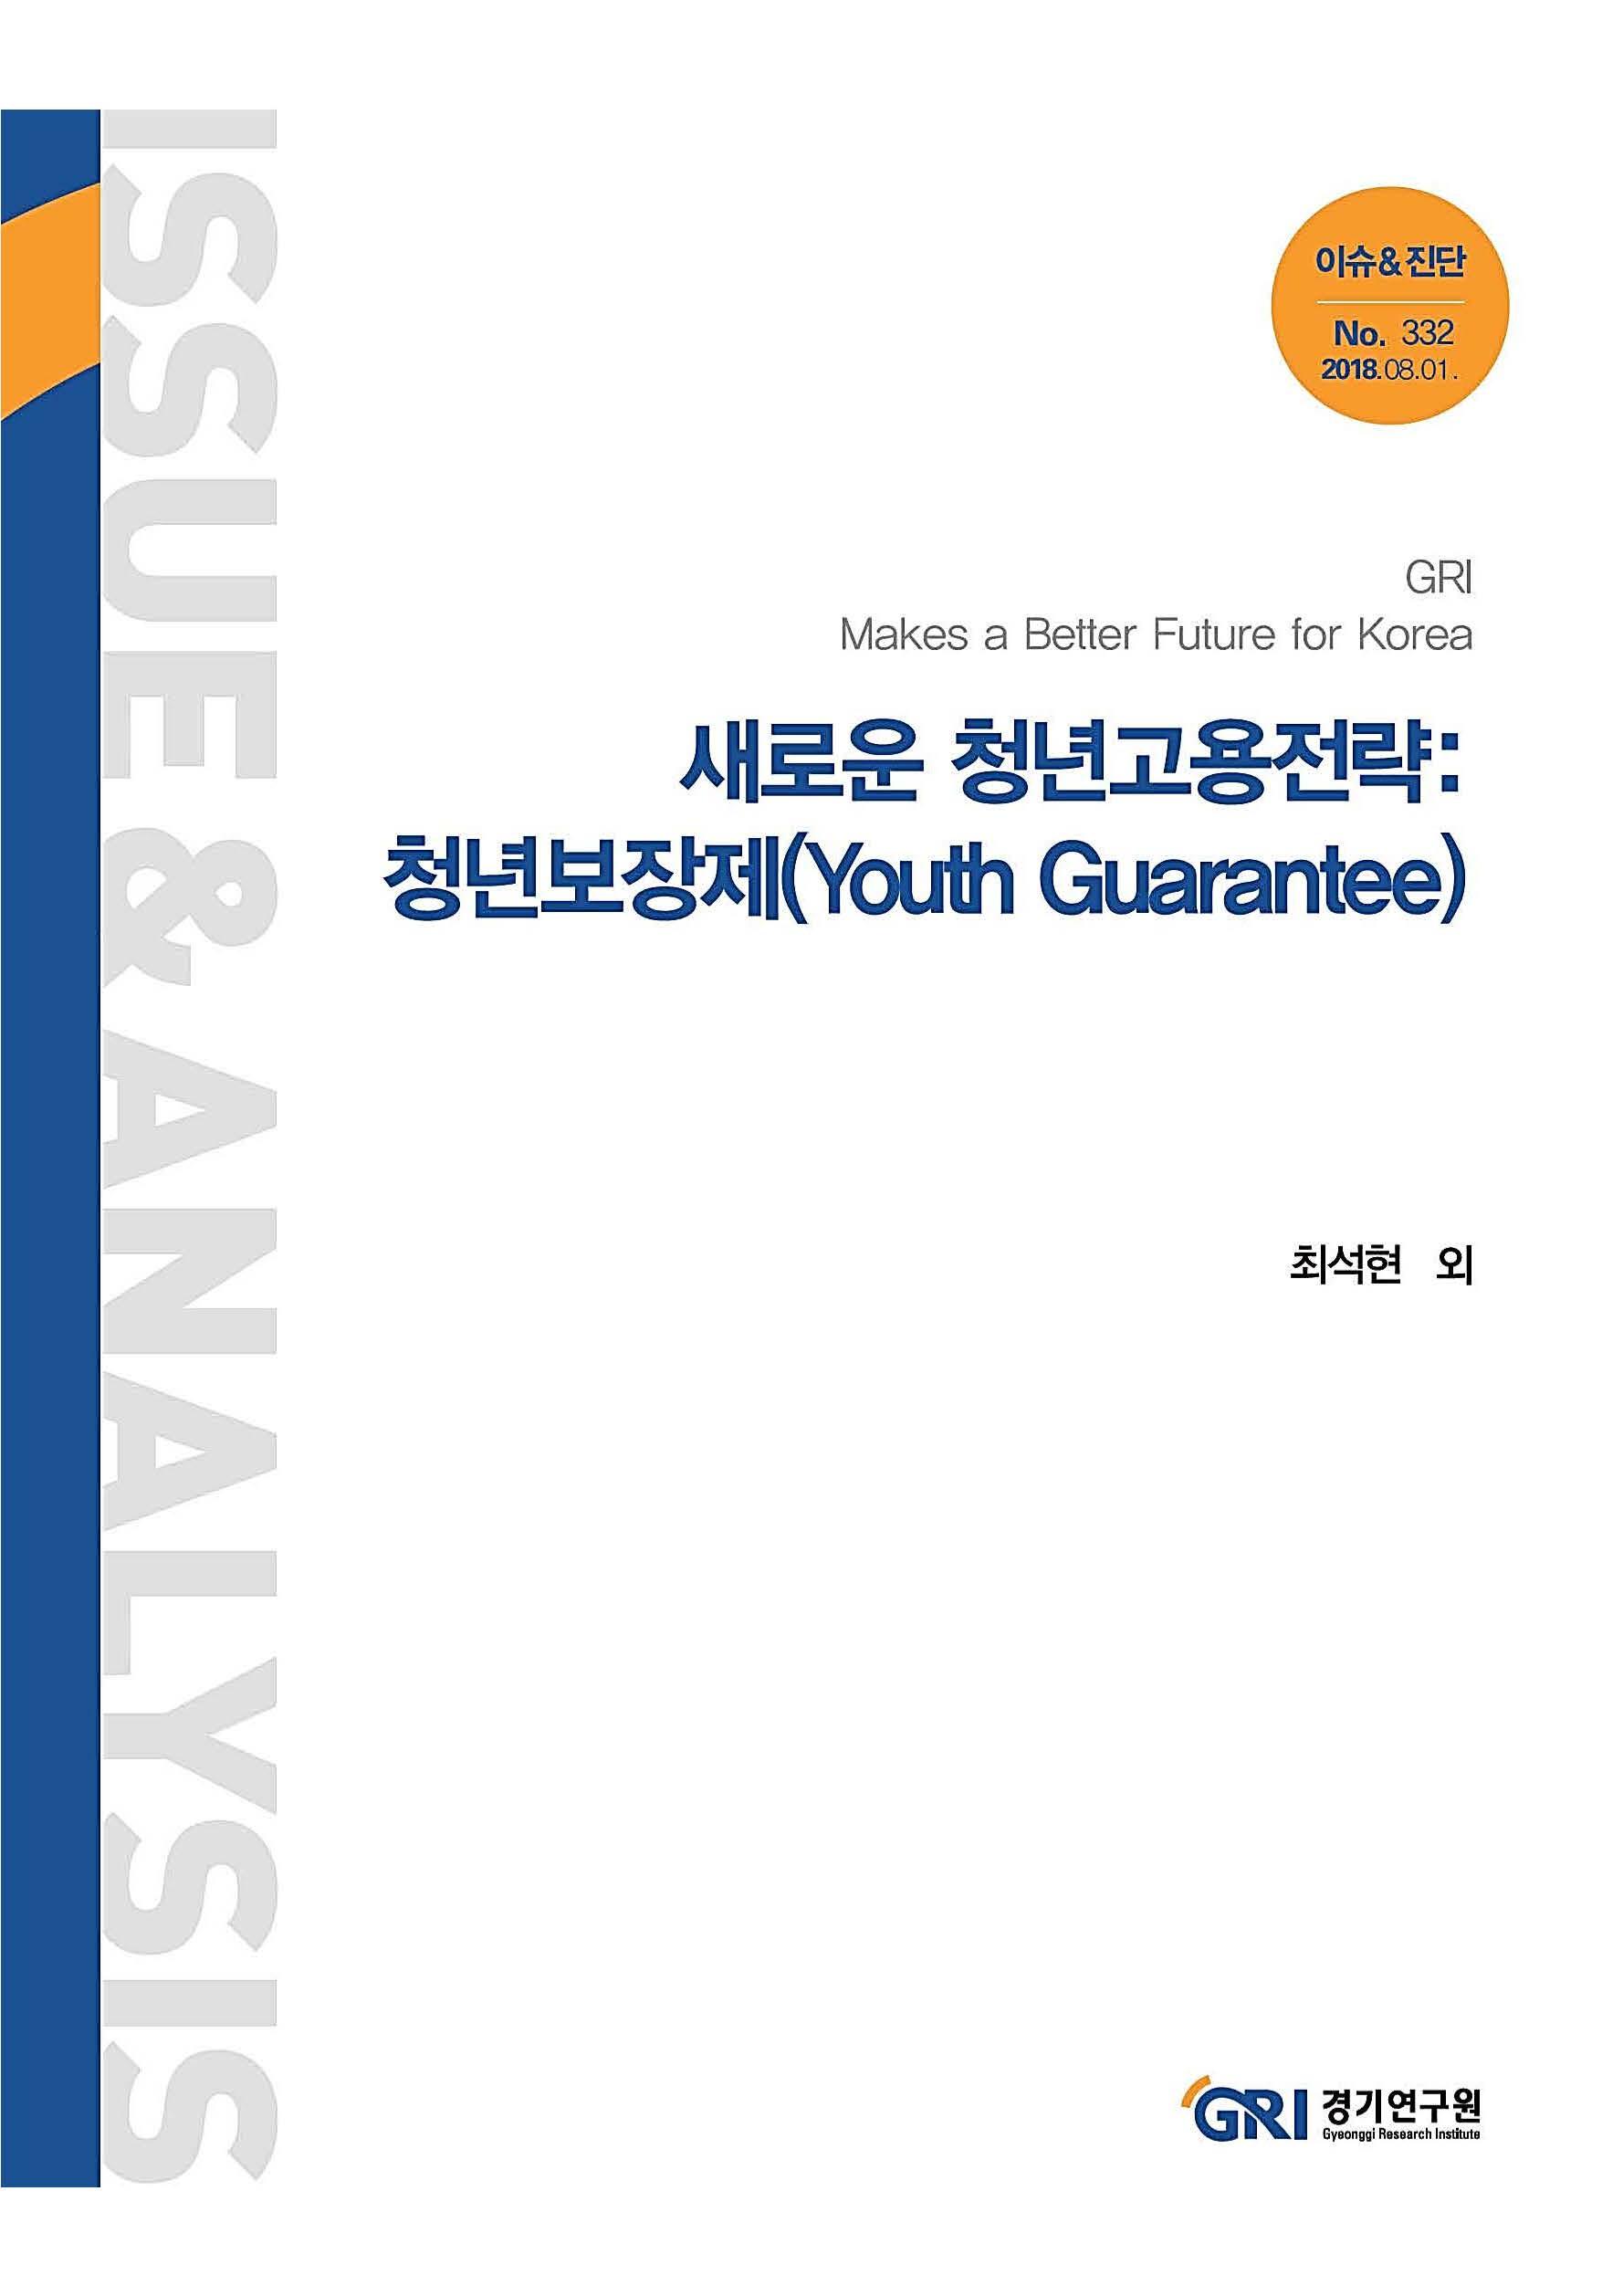 새로운 청년고용전략 : 청년보장제(Youth Guarantee)